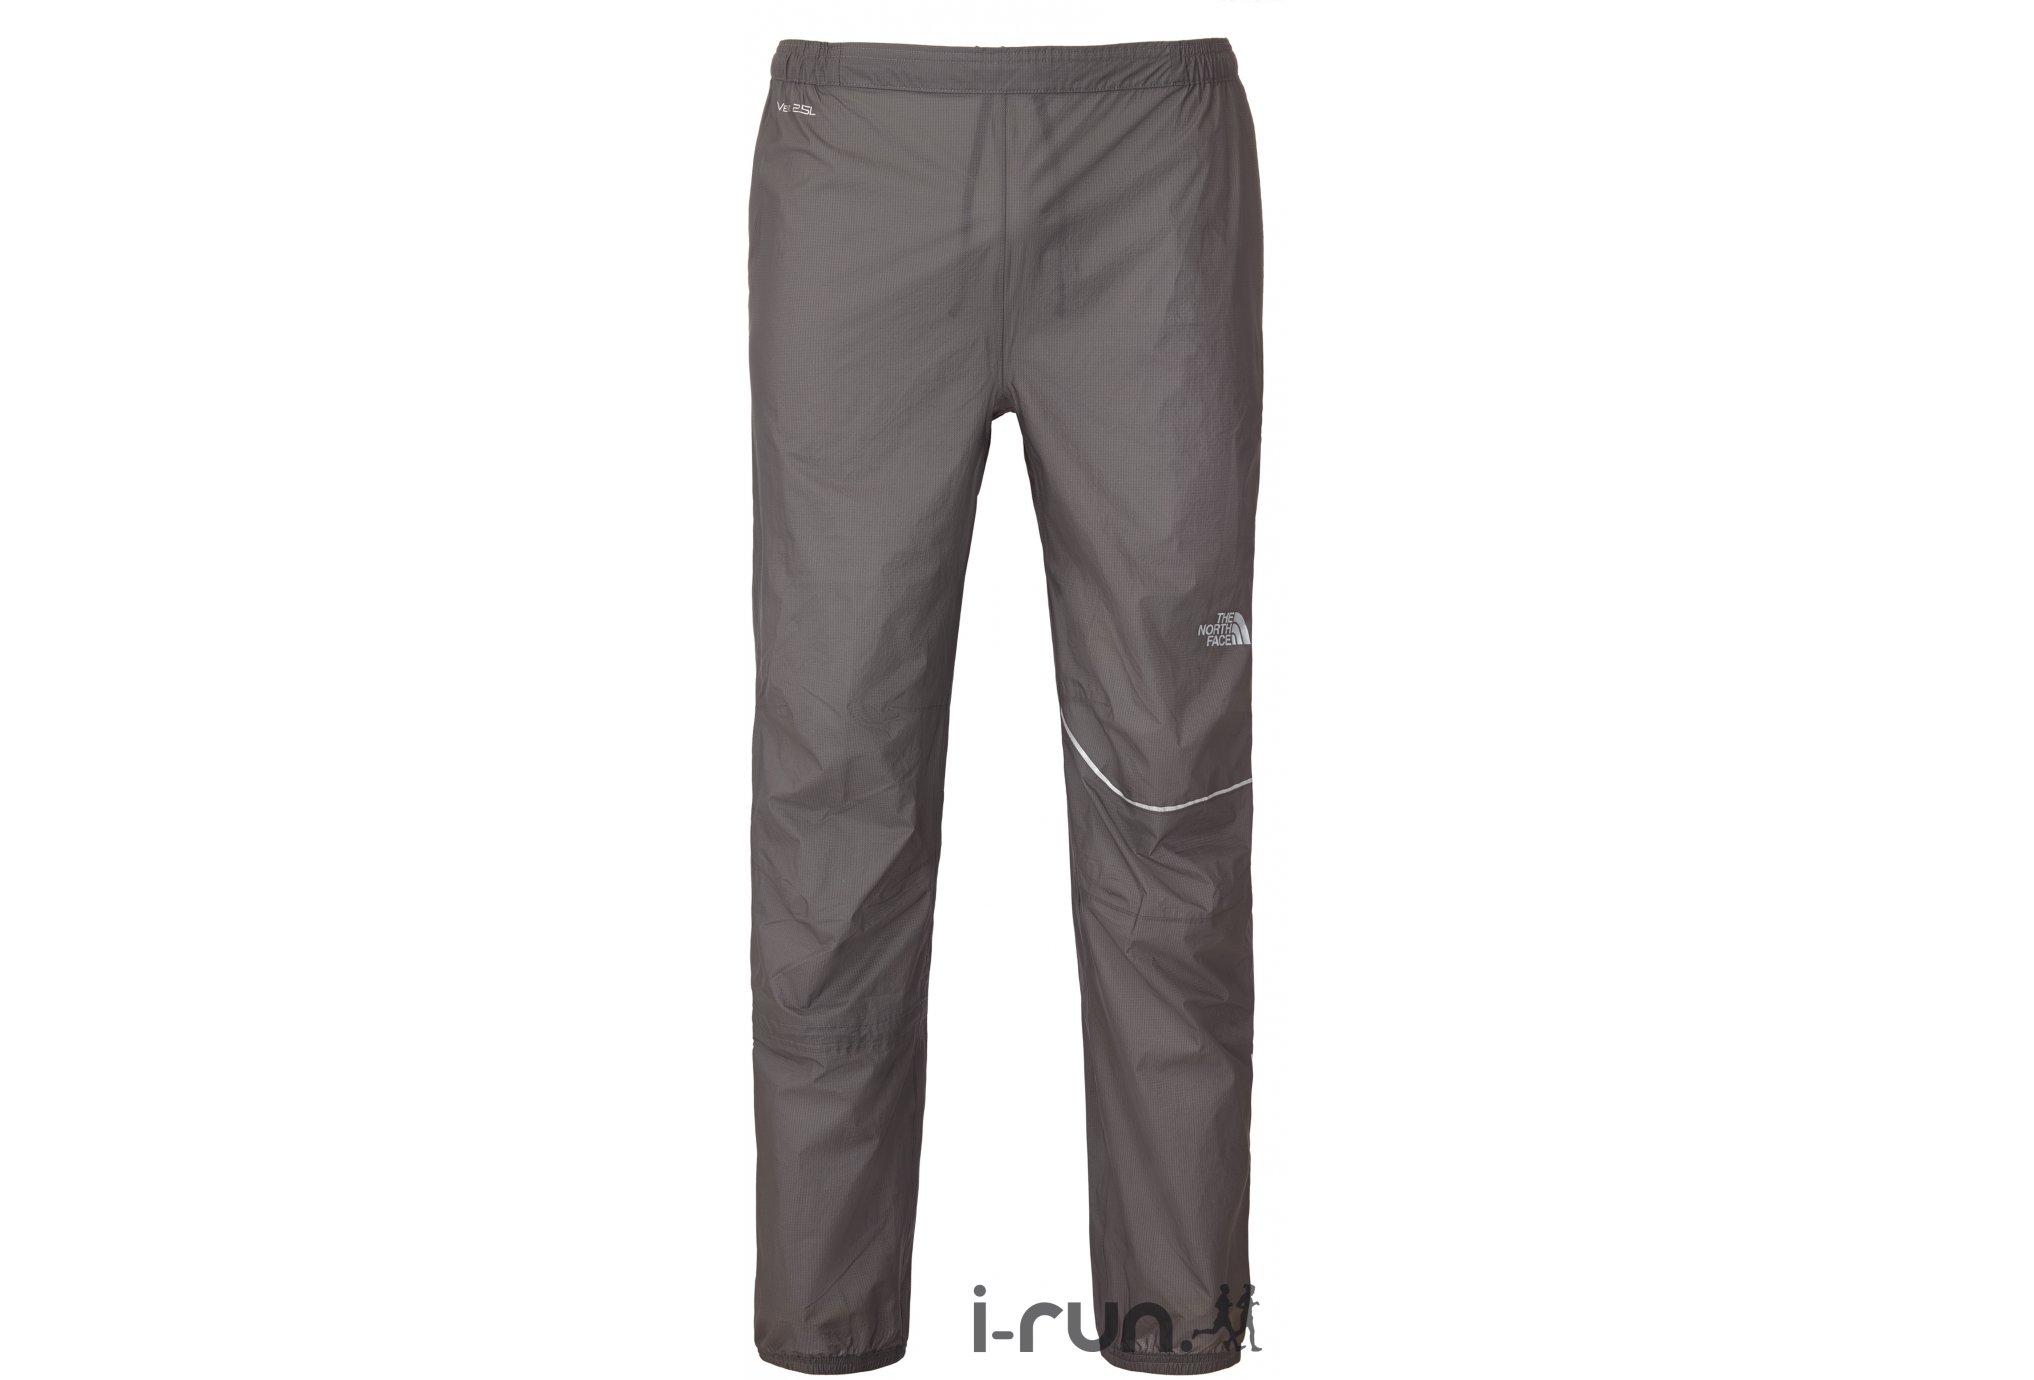 The North Face Pantalon Storm Stow W Diététique Vêtements femme